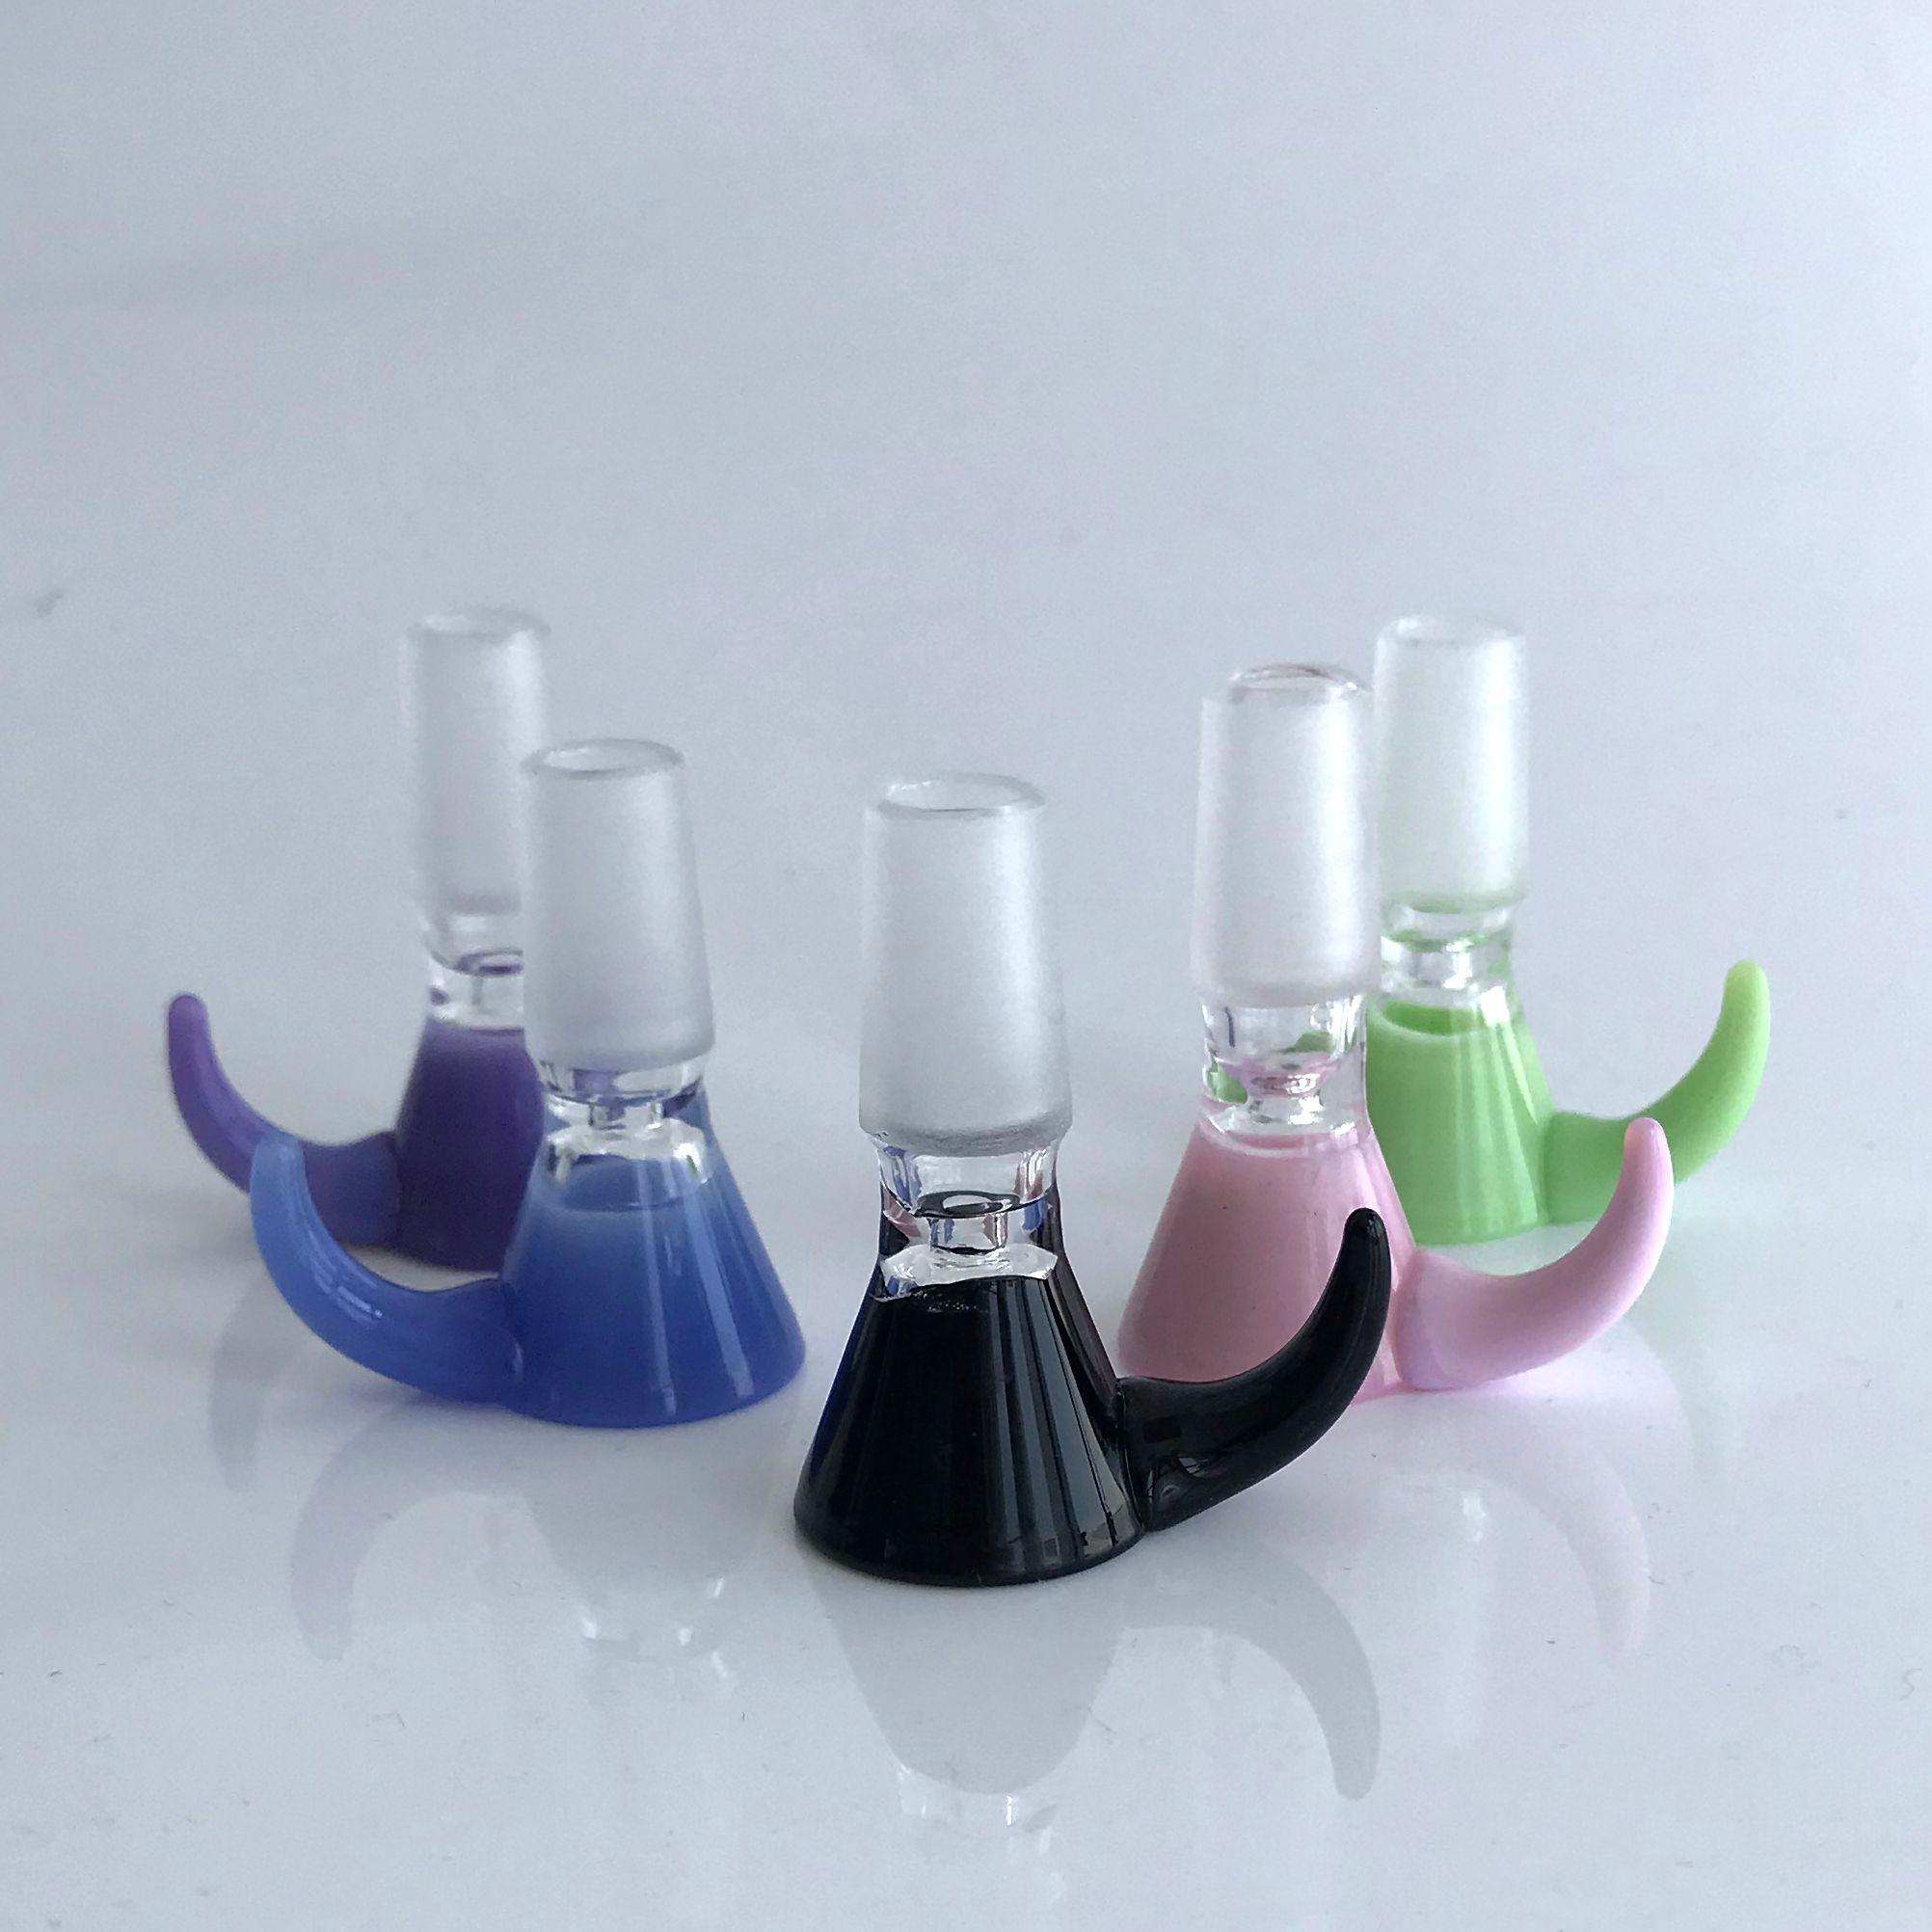 Королевские аксессуары для курения Молочные цвета Ос Роговый стиль Стеклянные чаши 14 мм Мужской густой Большие чаши Кальяны Кусок для водных бонгов